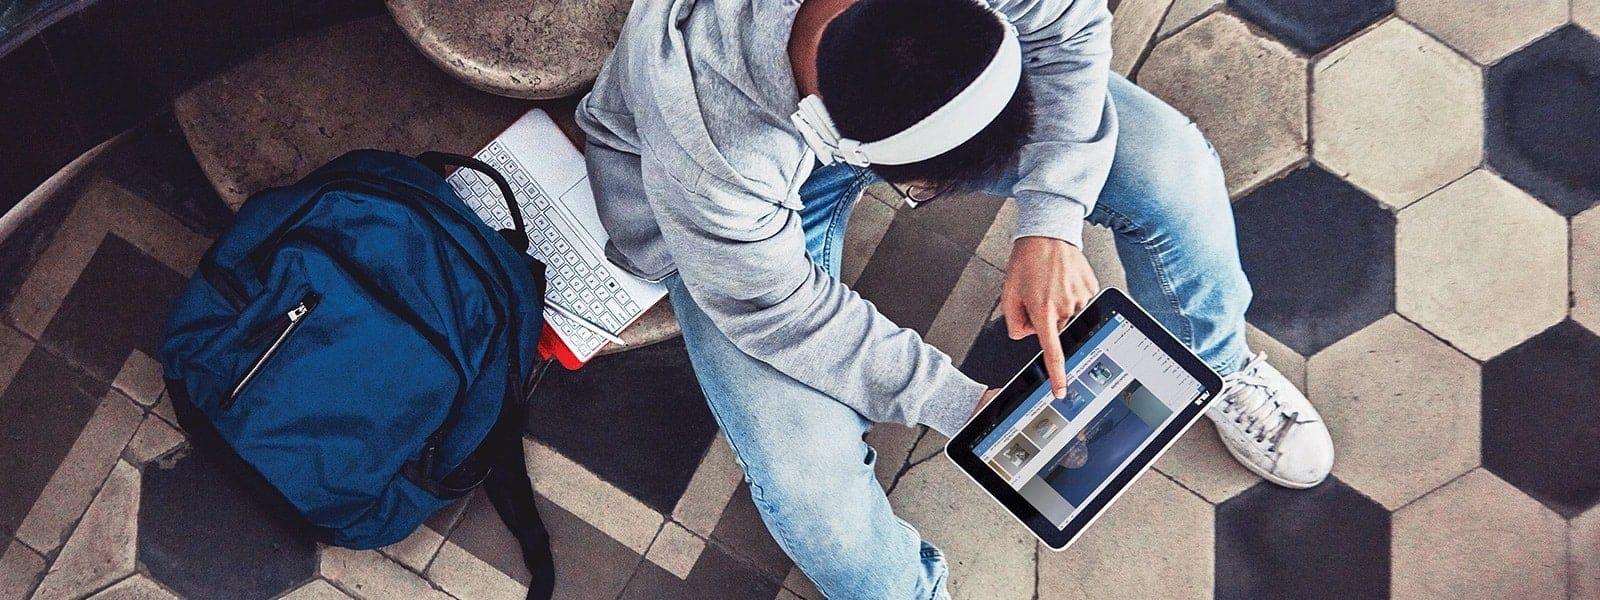 Student patrzący na urządzenia zsystemem Windows10